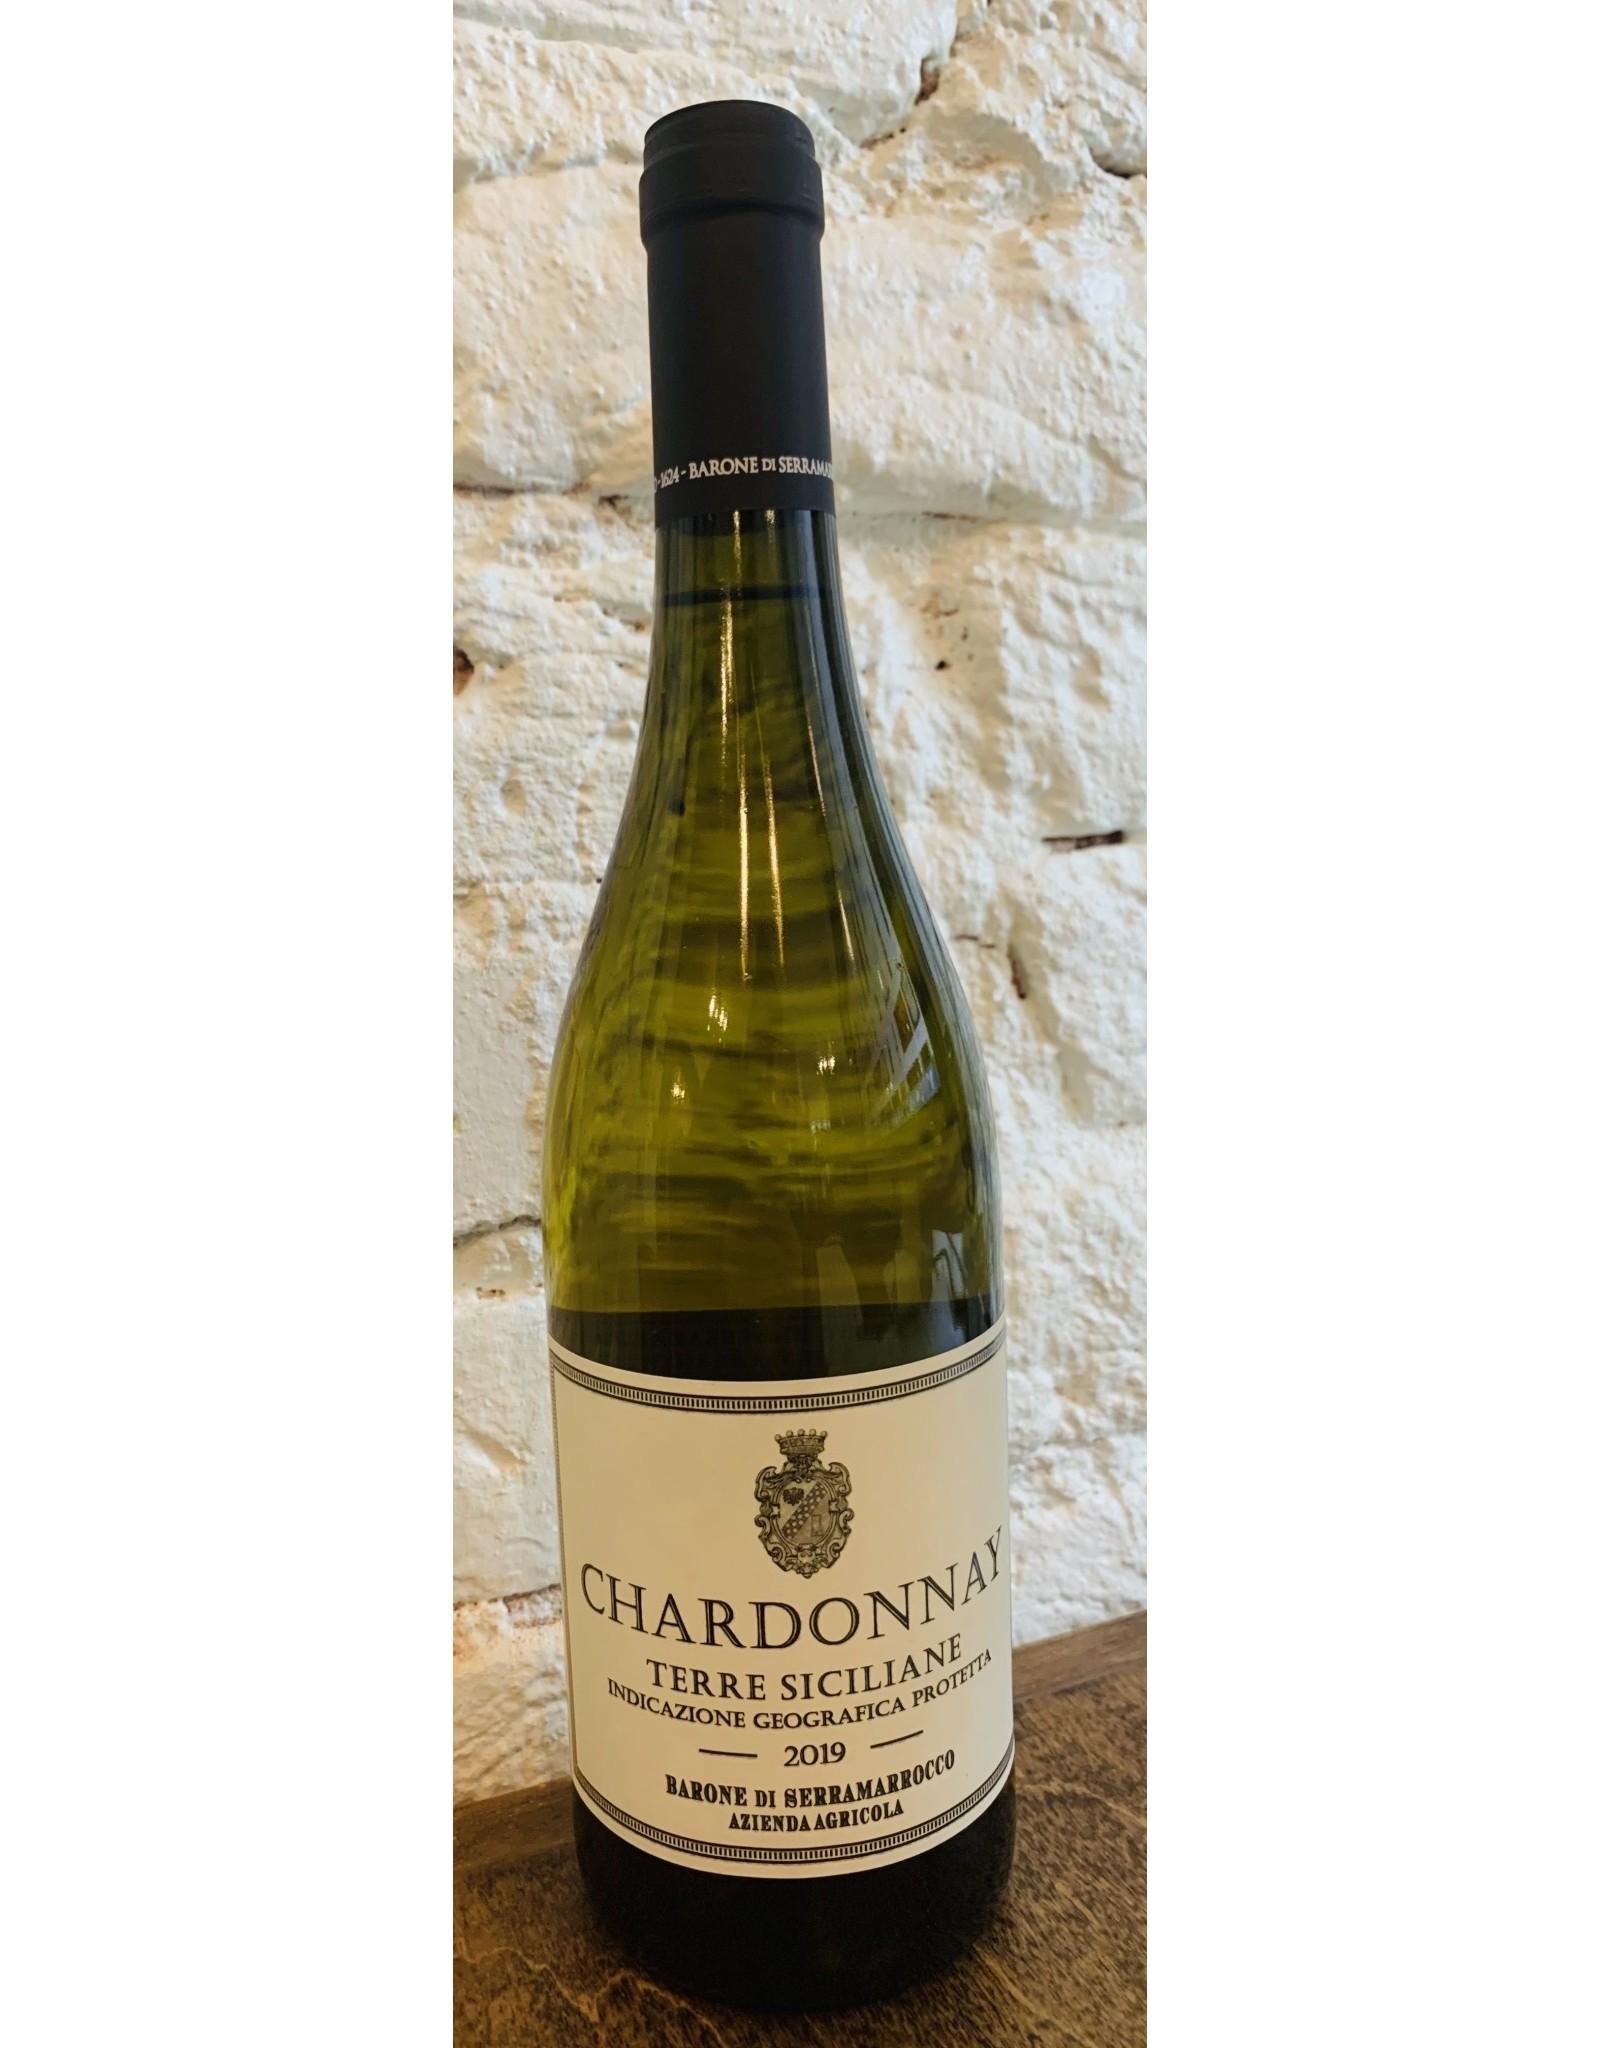 Serramarrocco Serramarrocco Chardonnay